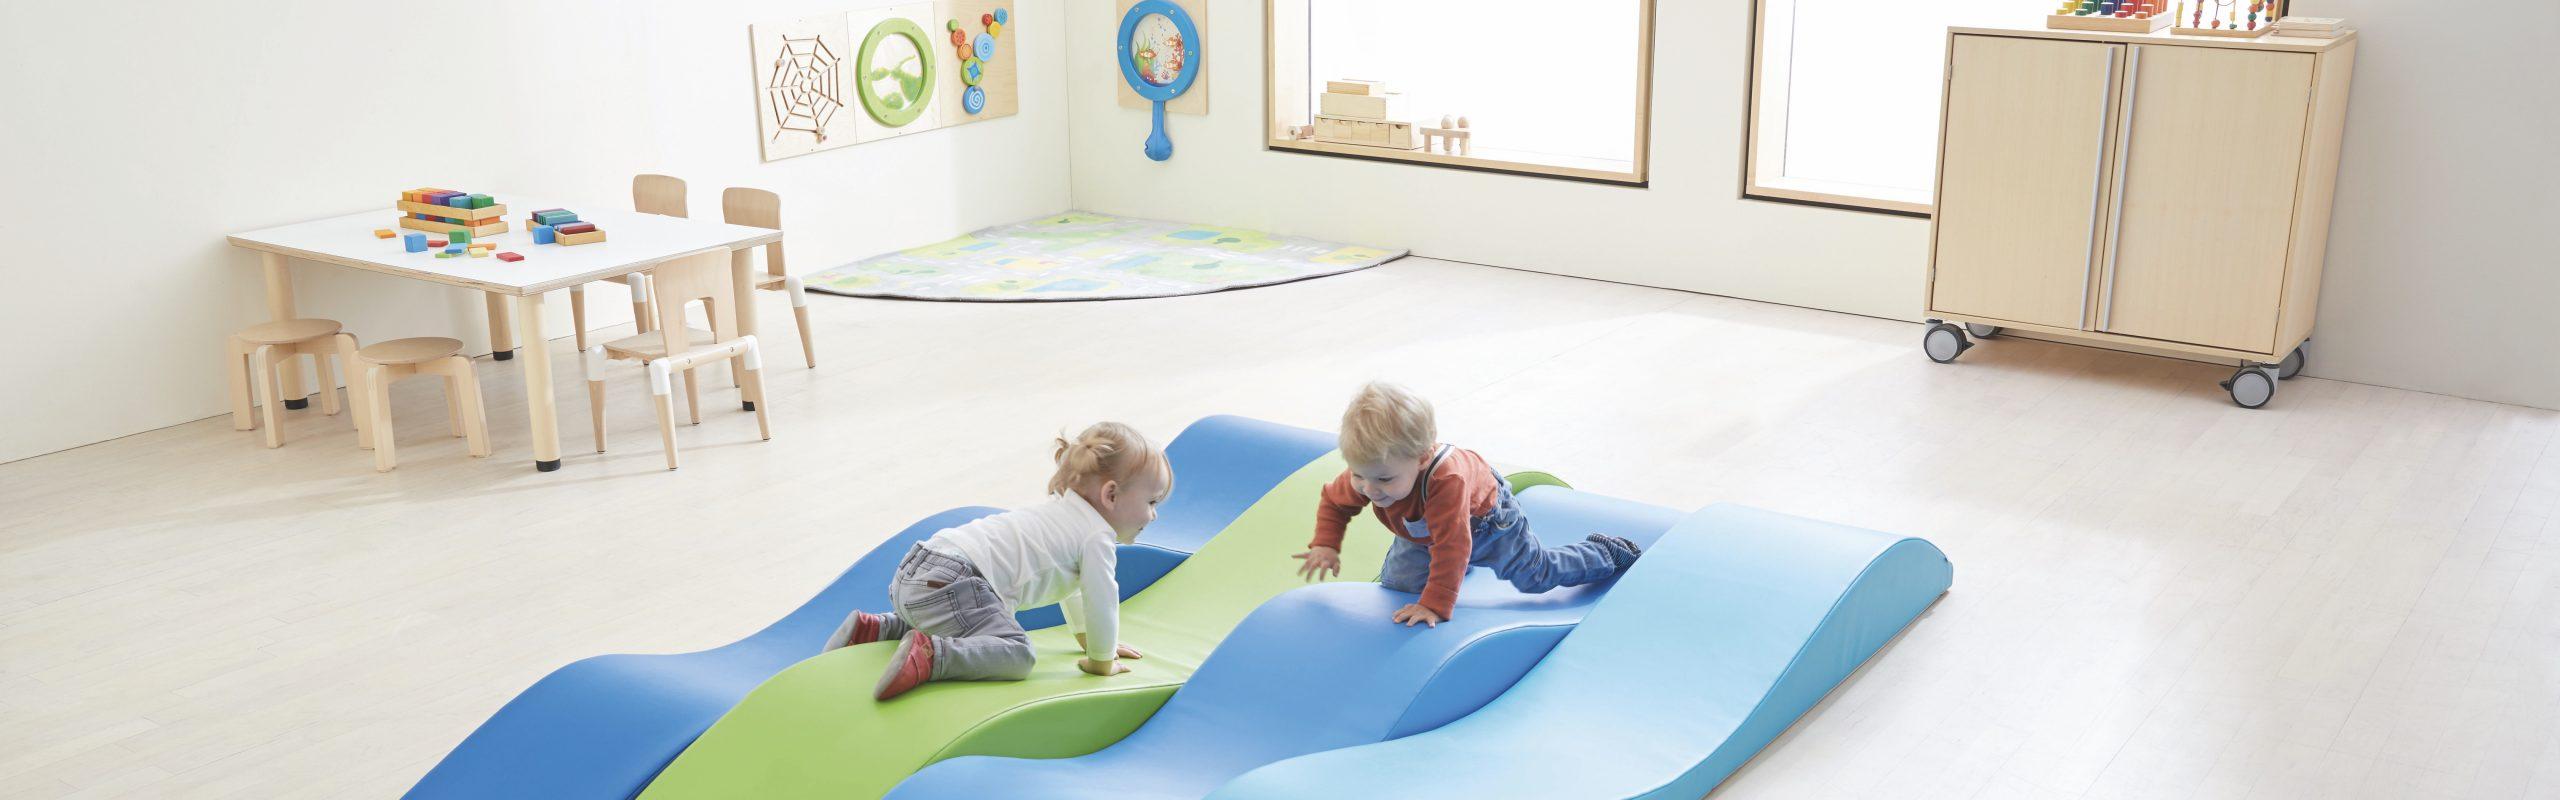 meubels voor het kinderdagverblijf